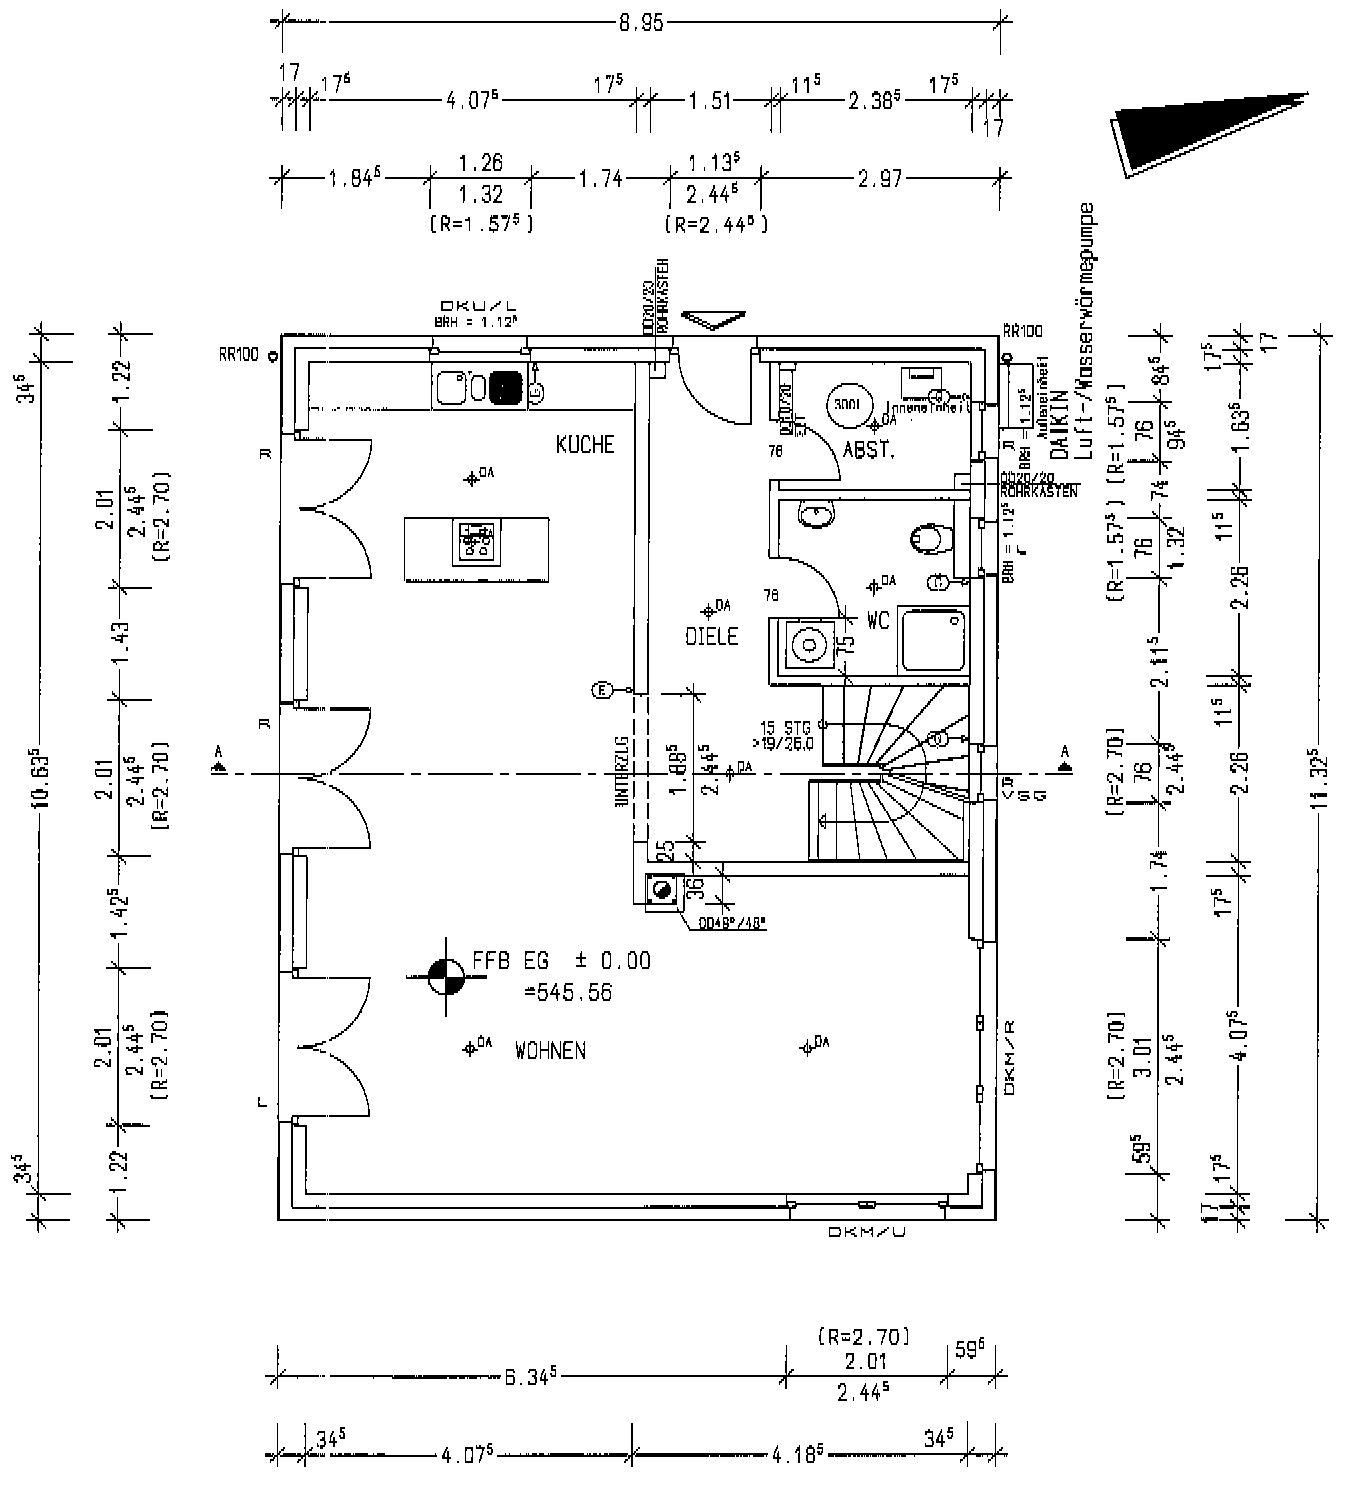 hausbau mit heinz von heiden in bayern haus grundrisse. Black Bedroom Furniture Sets. Home Design Ideas